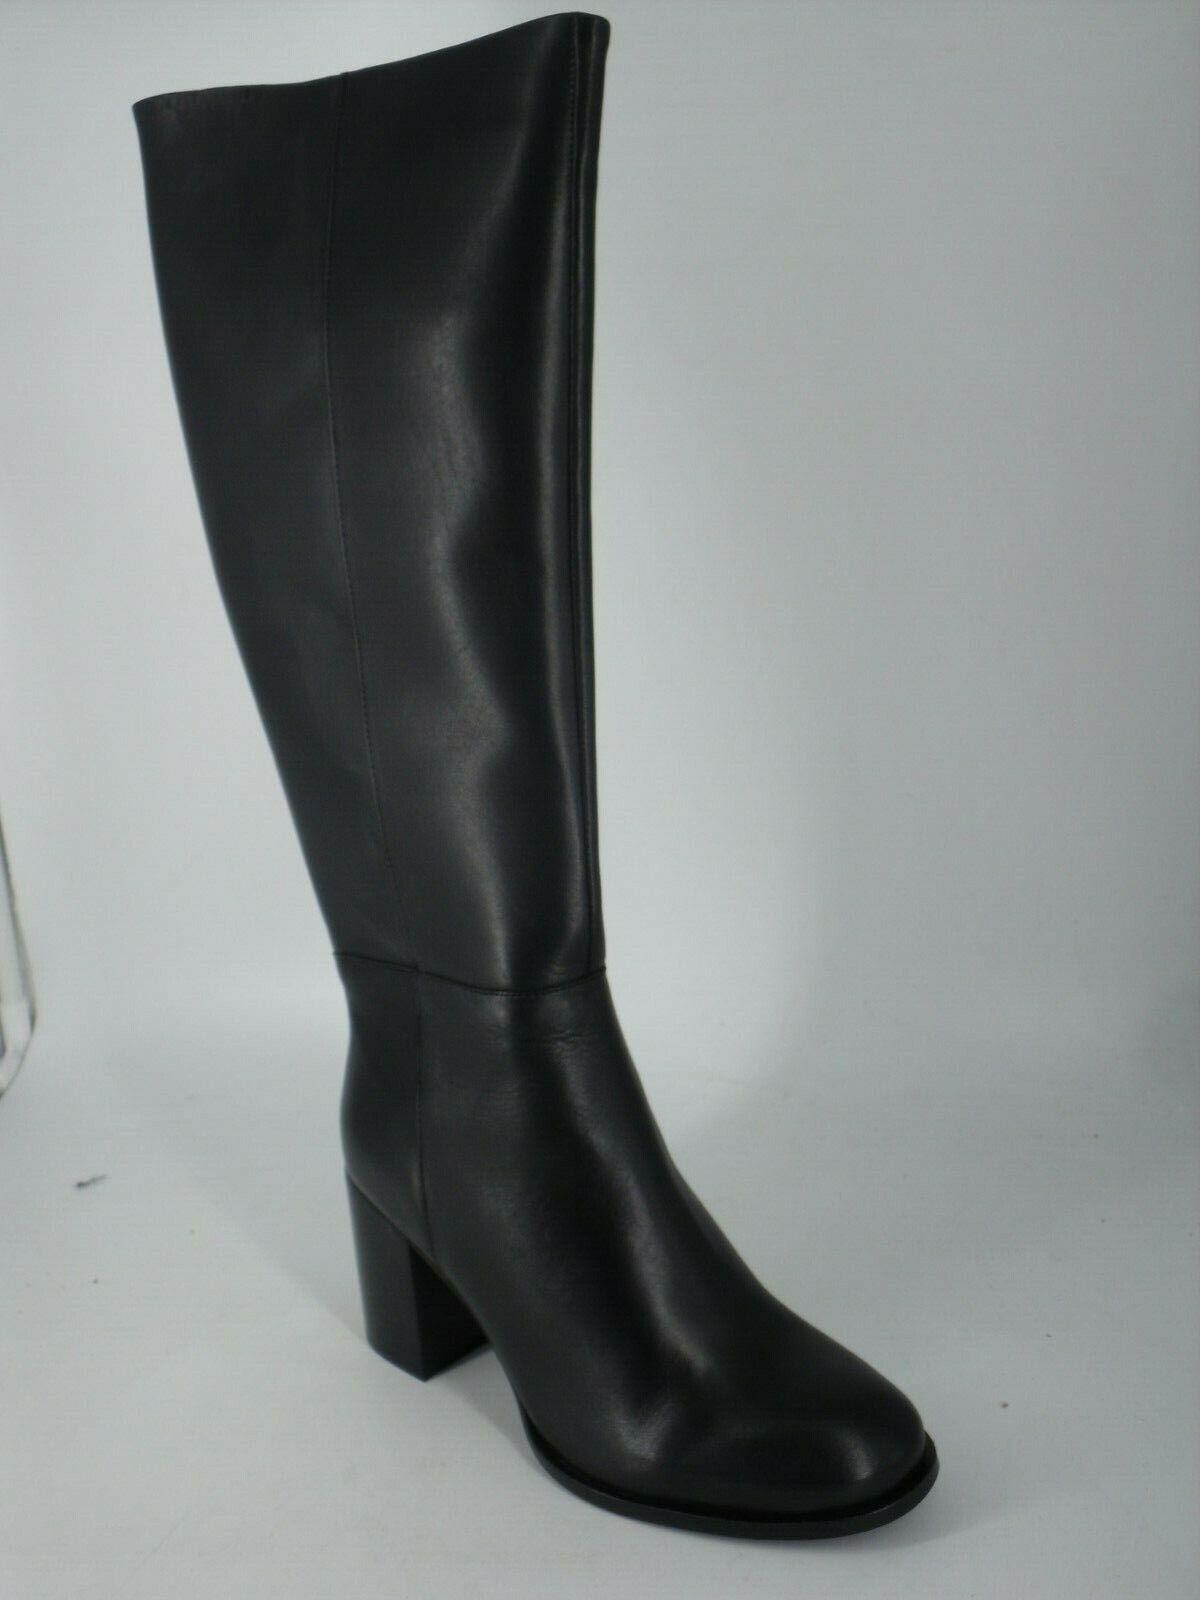 Jones démarragemaker Tinto hautes bottes de cuir Taille uk 4 eu 37 BT04 16